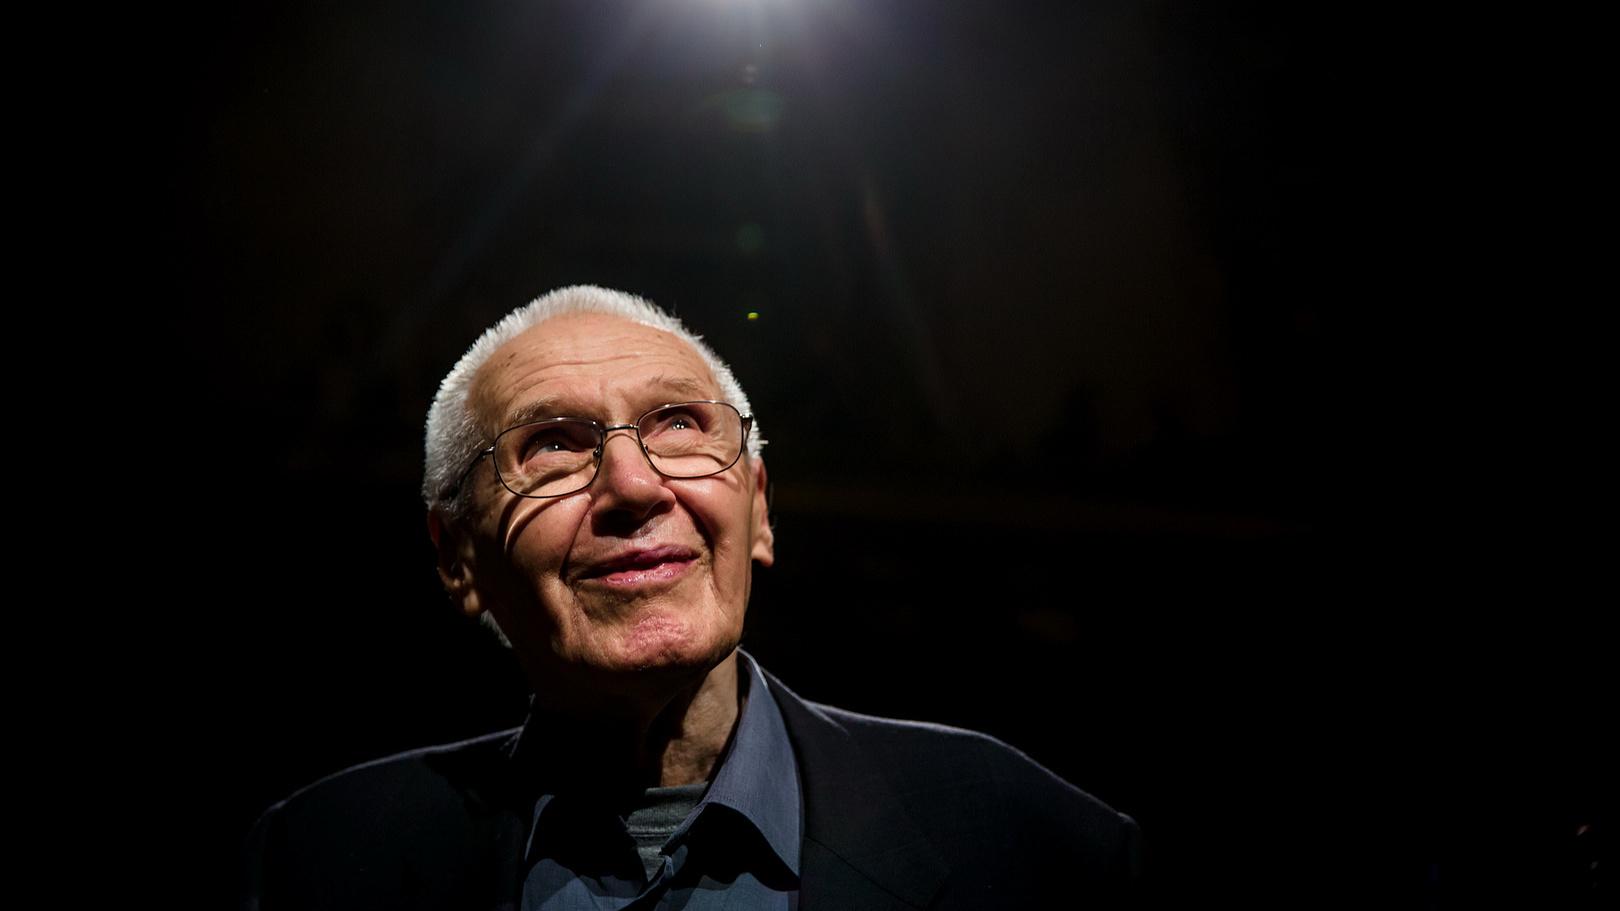 95 éves Kurtág György: Hol kezdjük a zenehallgatást?